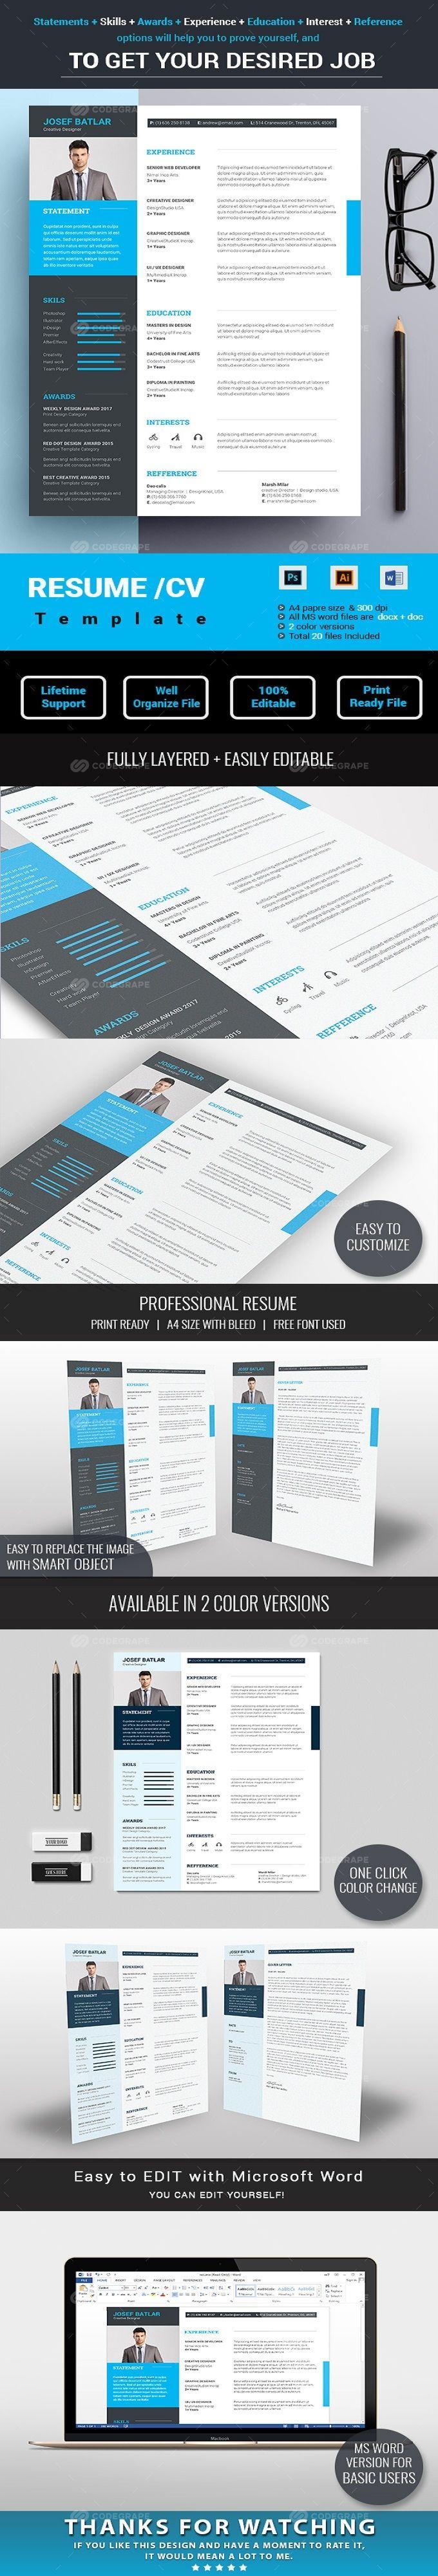 Resume on @codegrape. More Info: https://www.codegrape.com/item/resume/17836